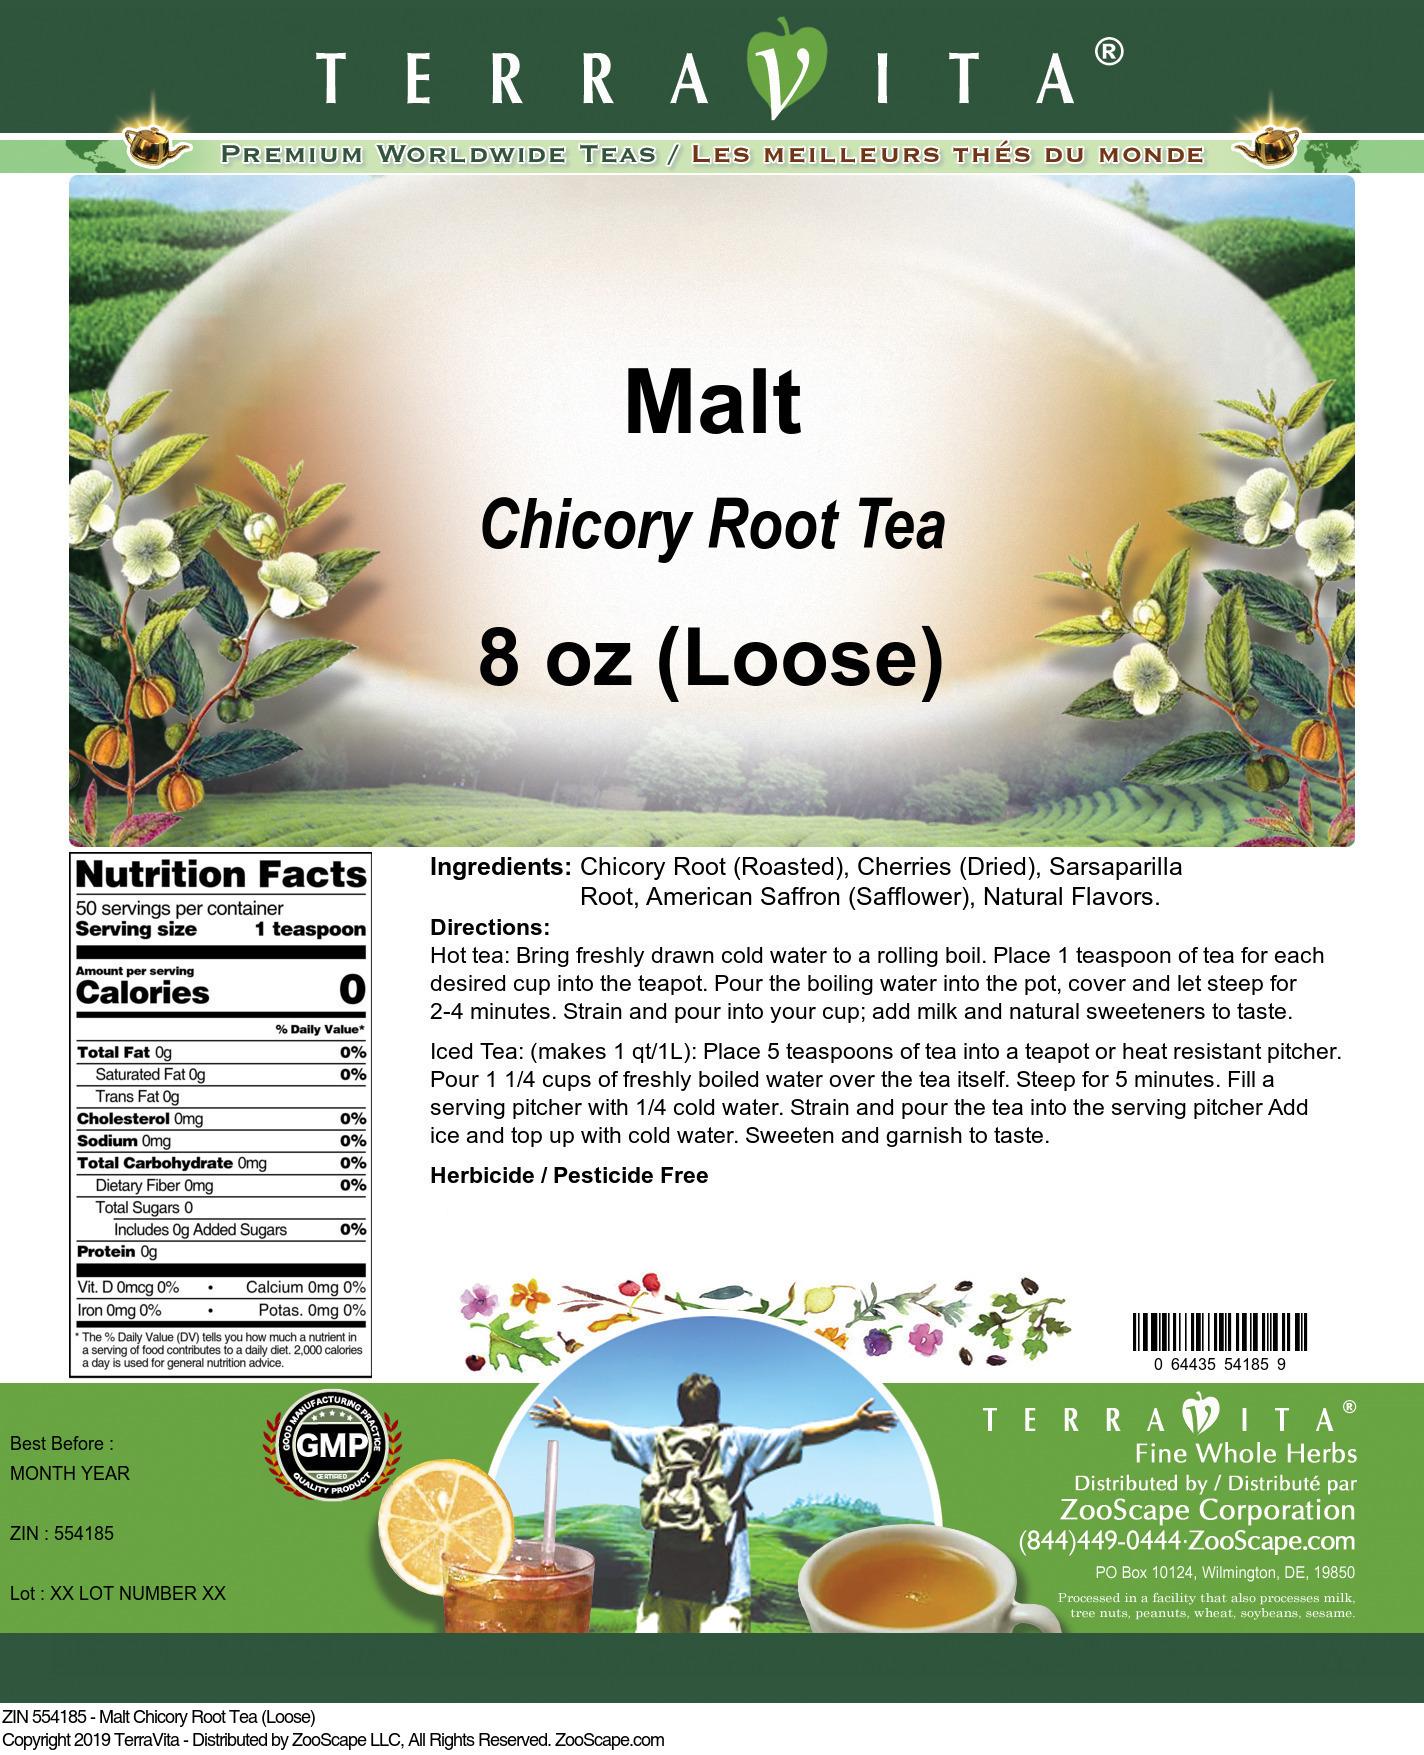 Malt Chicory Root